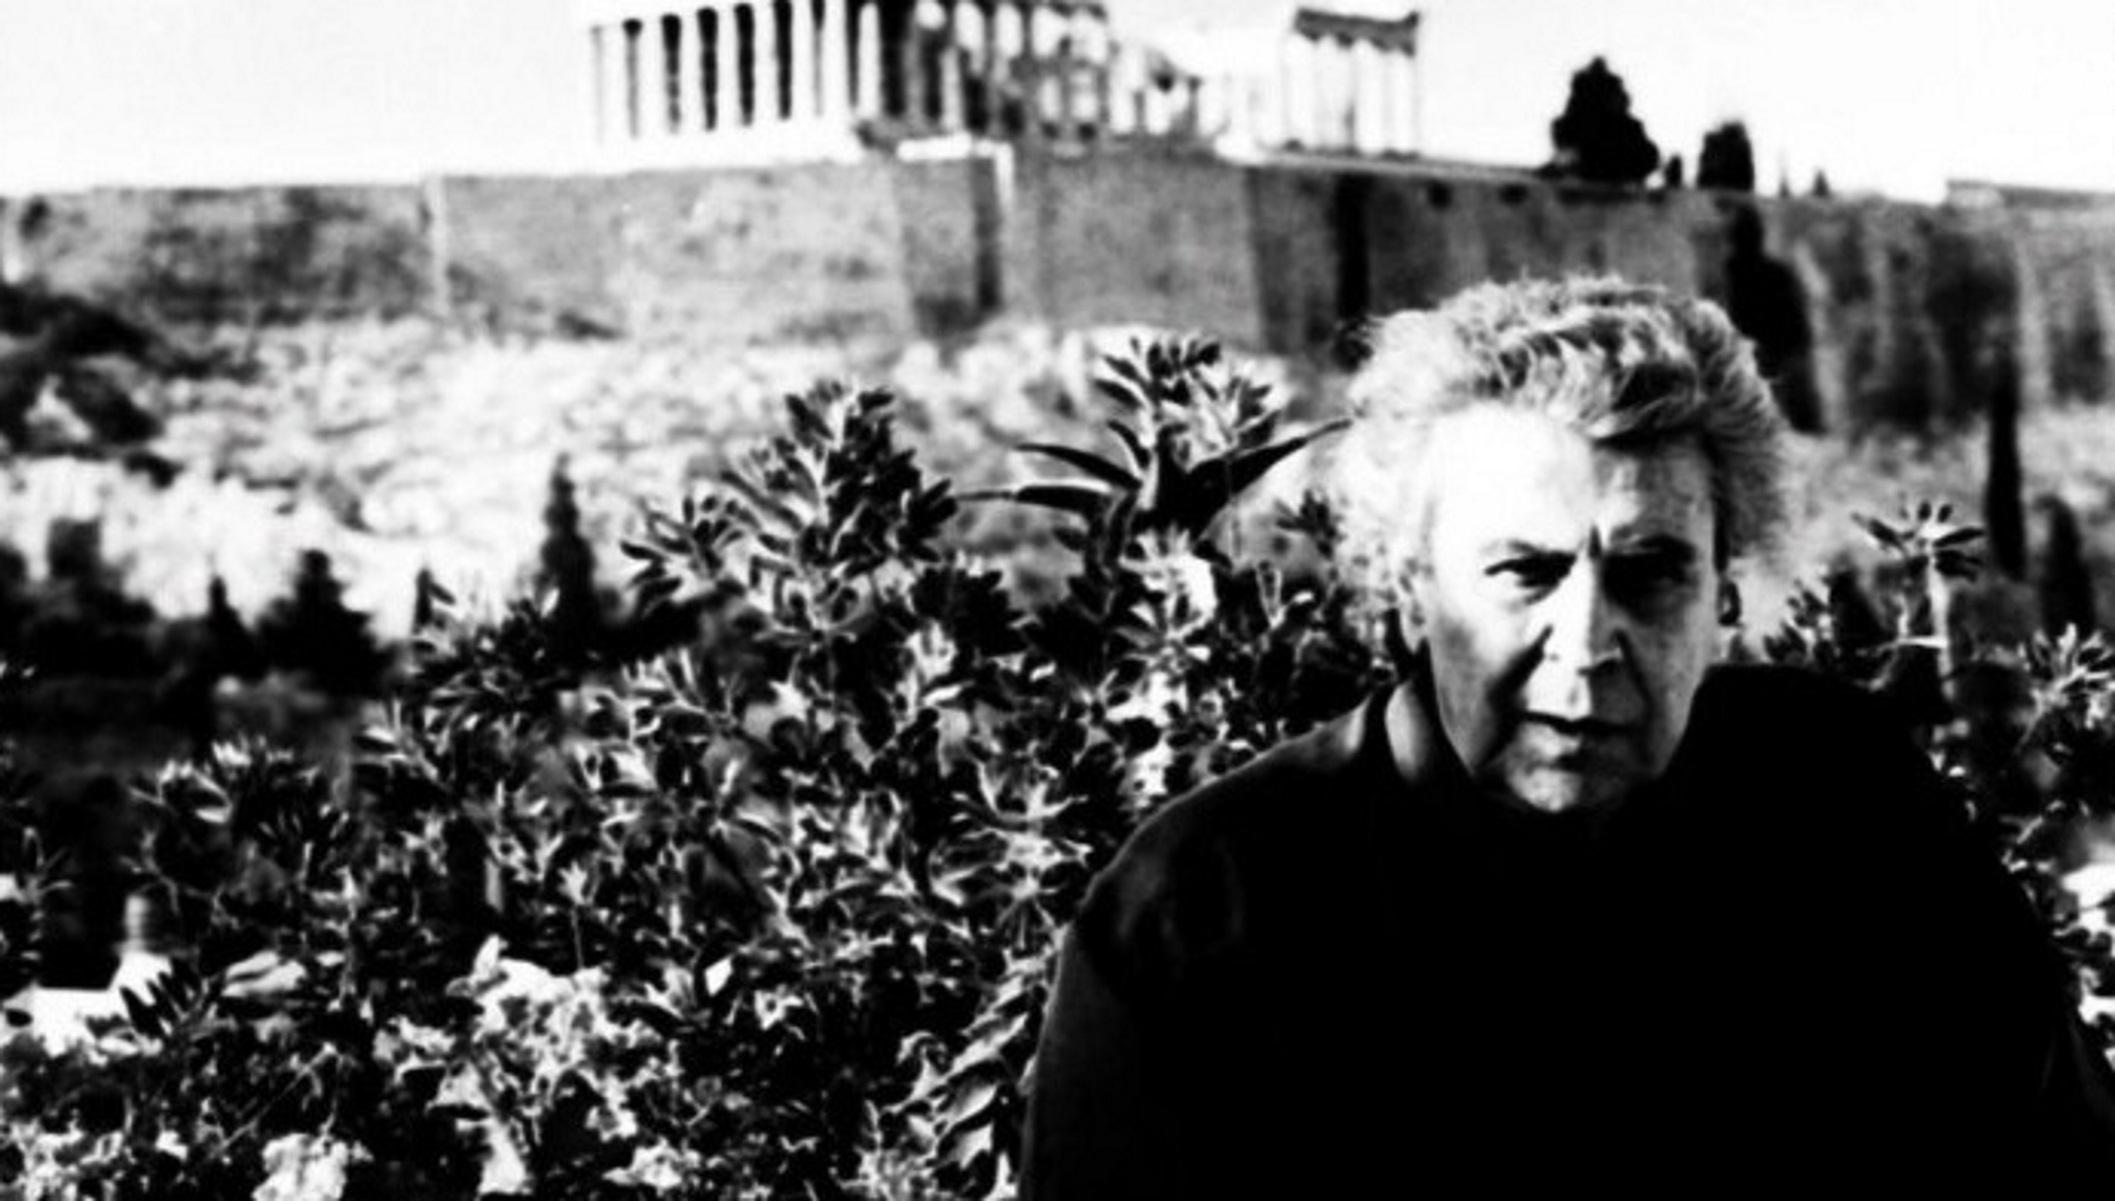 Μίκης Θεοδωράκης: Με επιστολή από το 2013 είχε εκφράσει την επιθυμία να ταφεί στον Γαλατά Χανίων